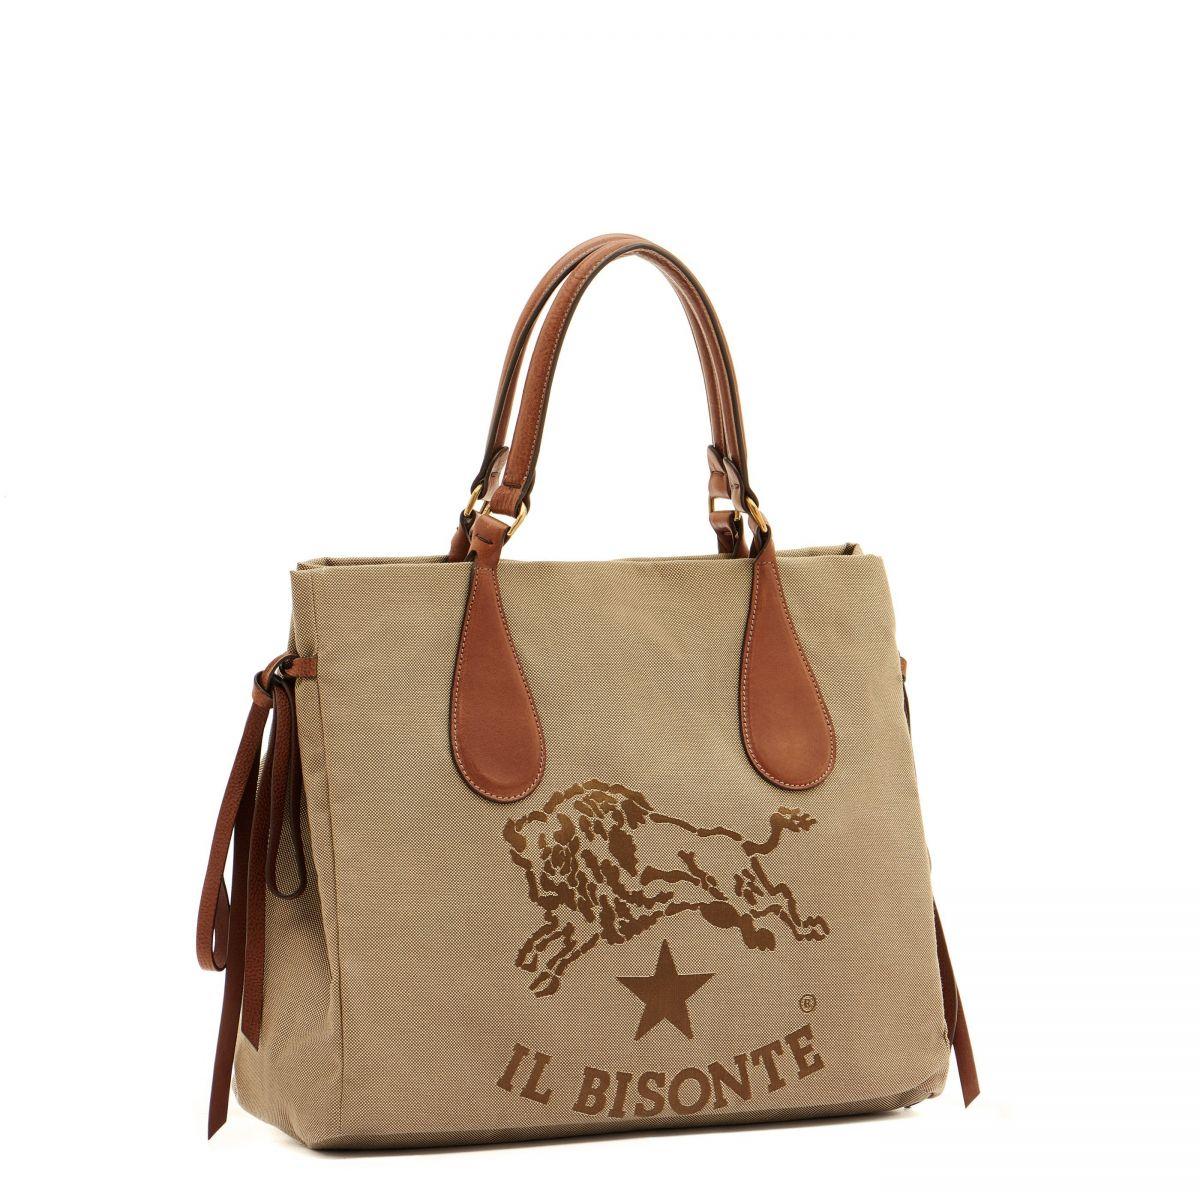 Women's Shoulder Bag  in Jaquard BSH066 color Khaki/Chocolate | Details